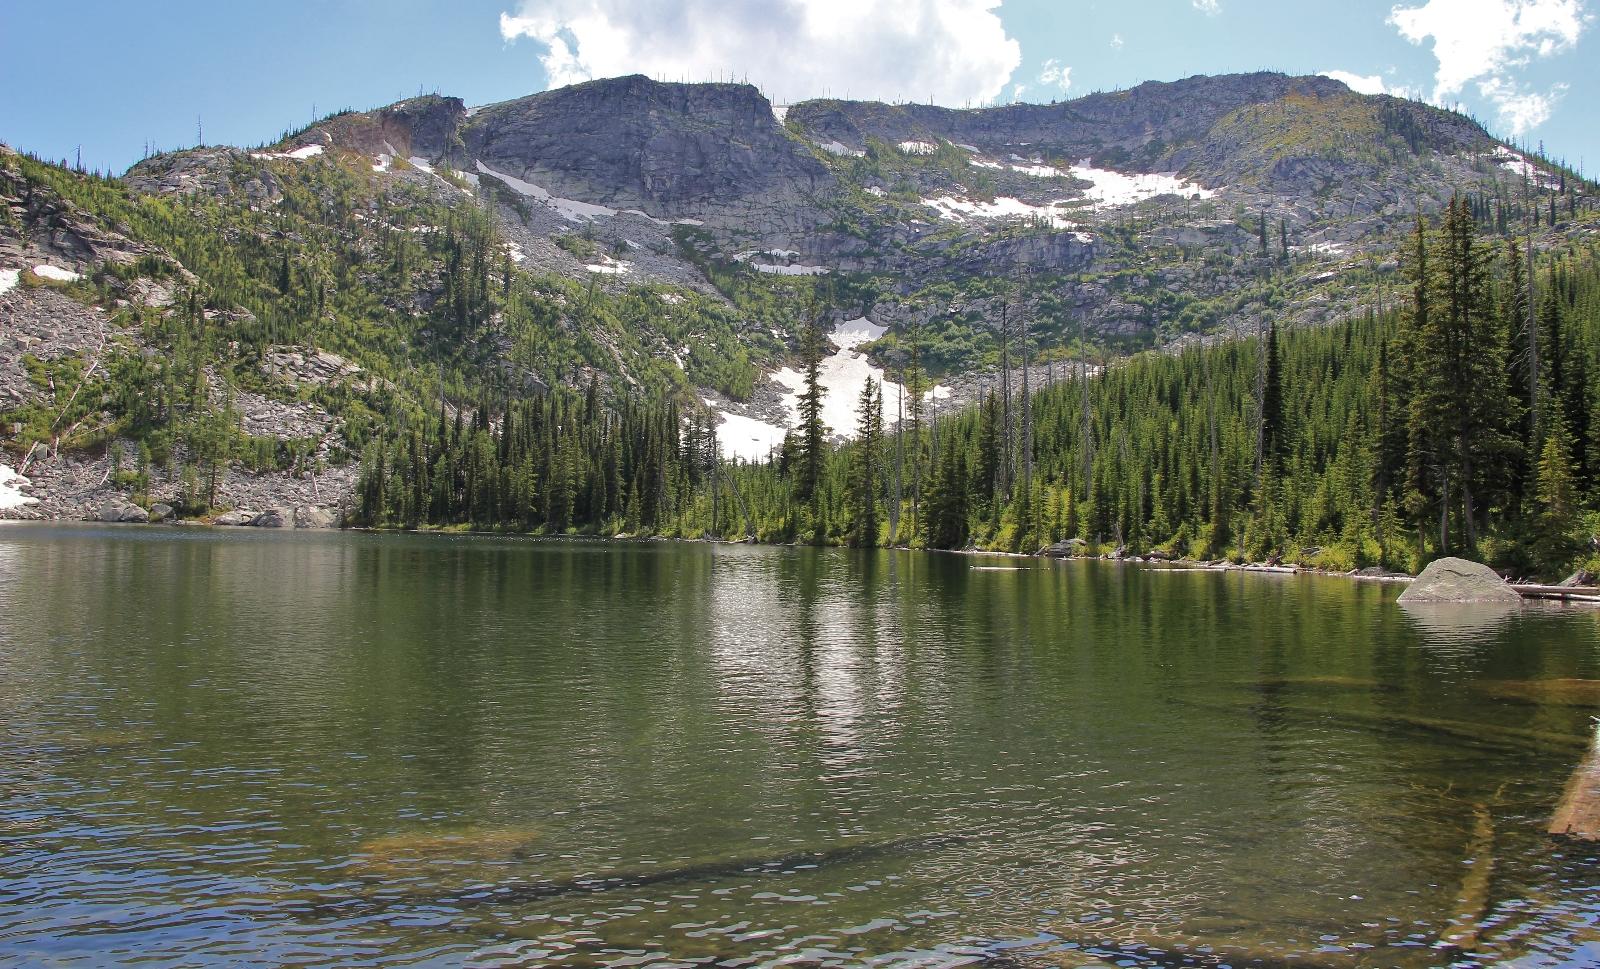 07-06-13 Roman Nose Lakes Hike (90)